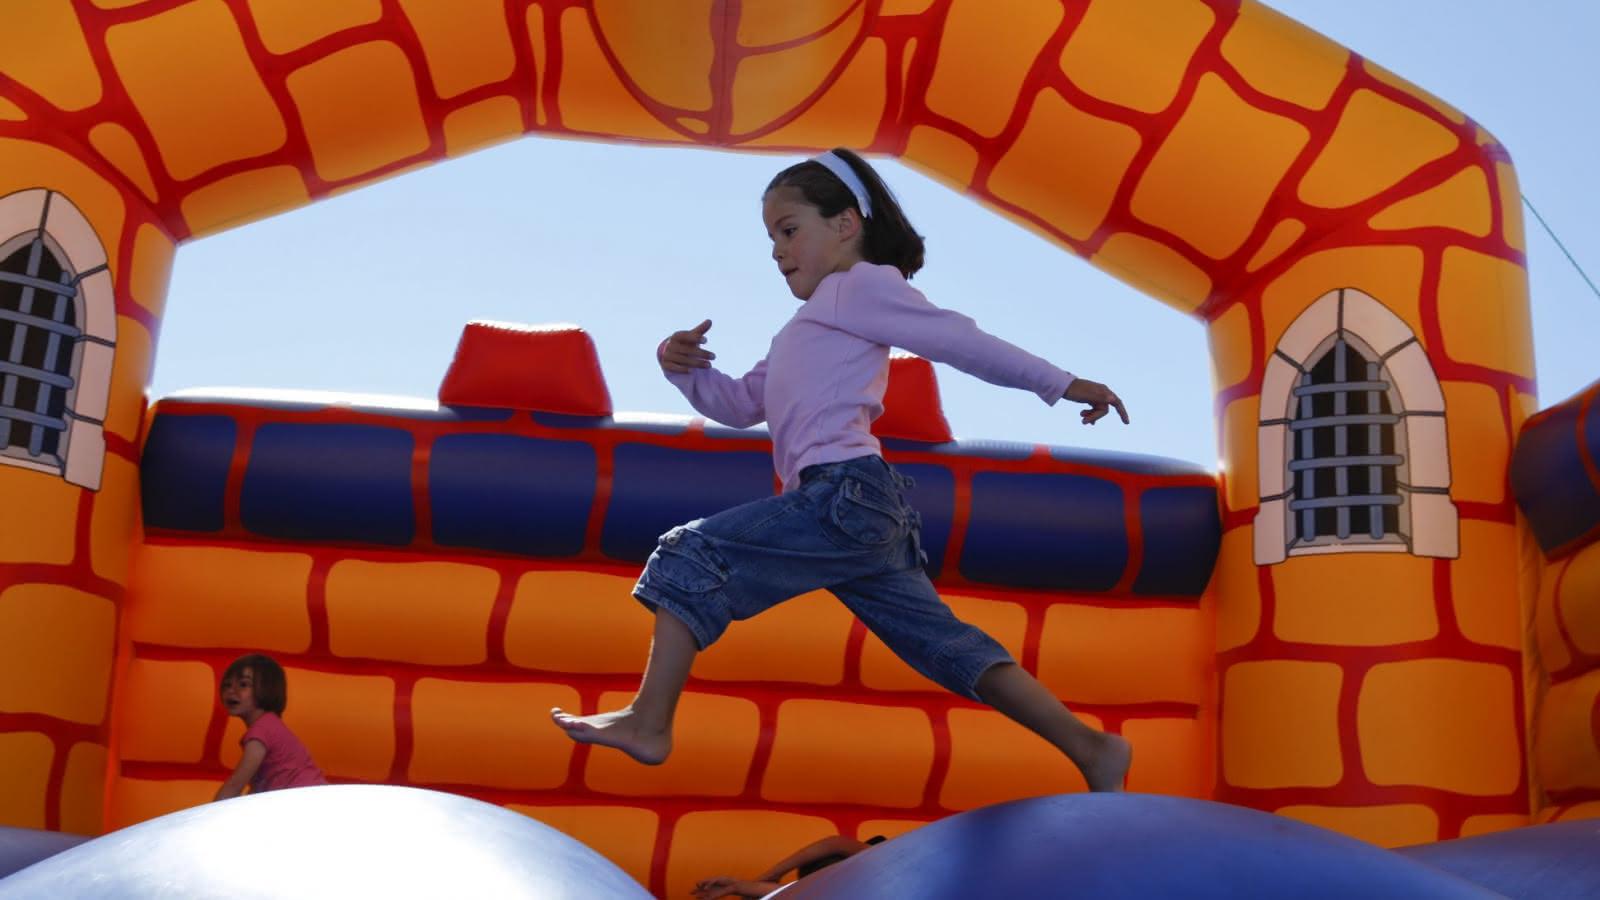 Structures gonflables pour les enfants